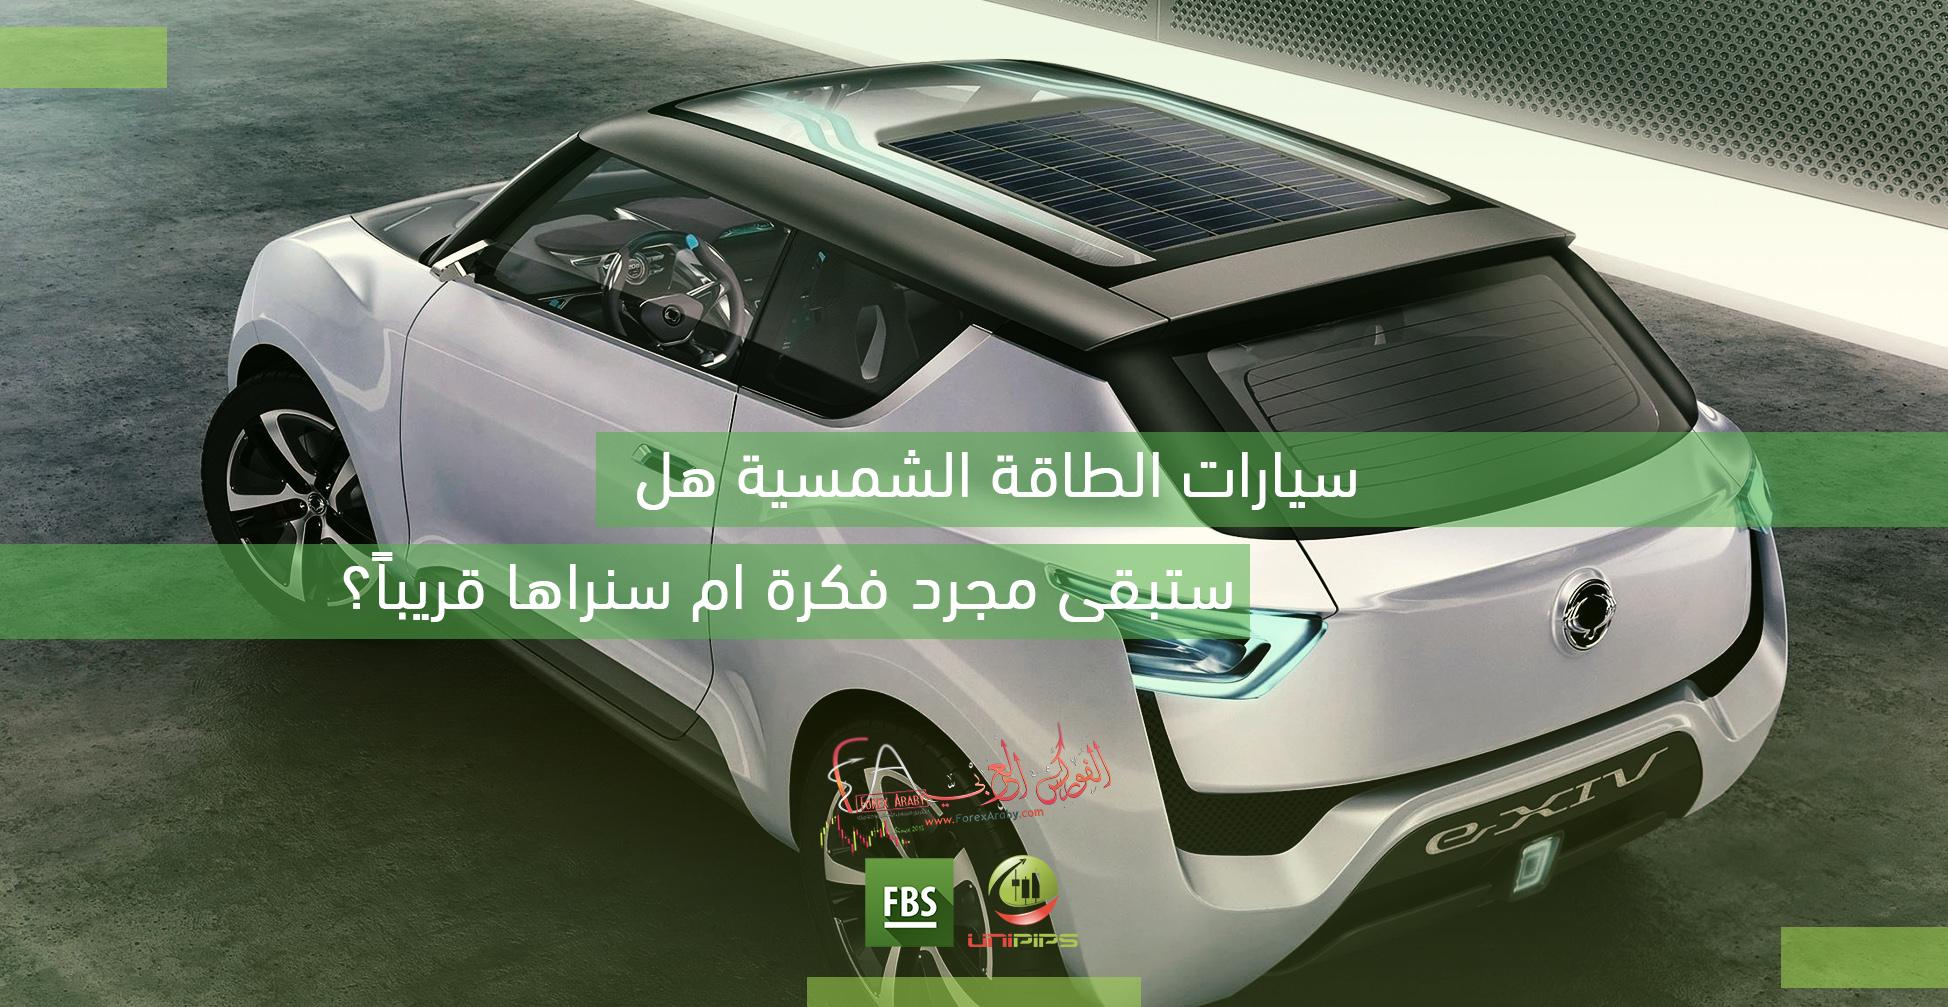 سيارات الطاقة الشمسية هل ستبقى مجرد فكرة أم سنراها قريباً؟